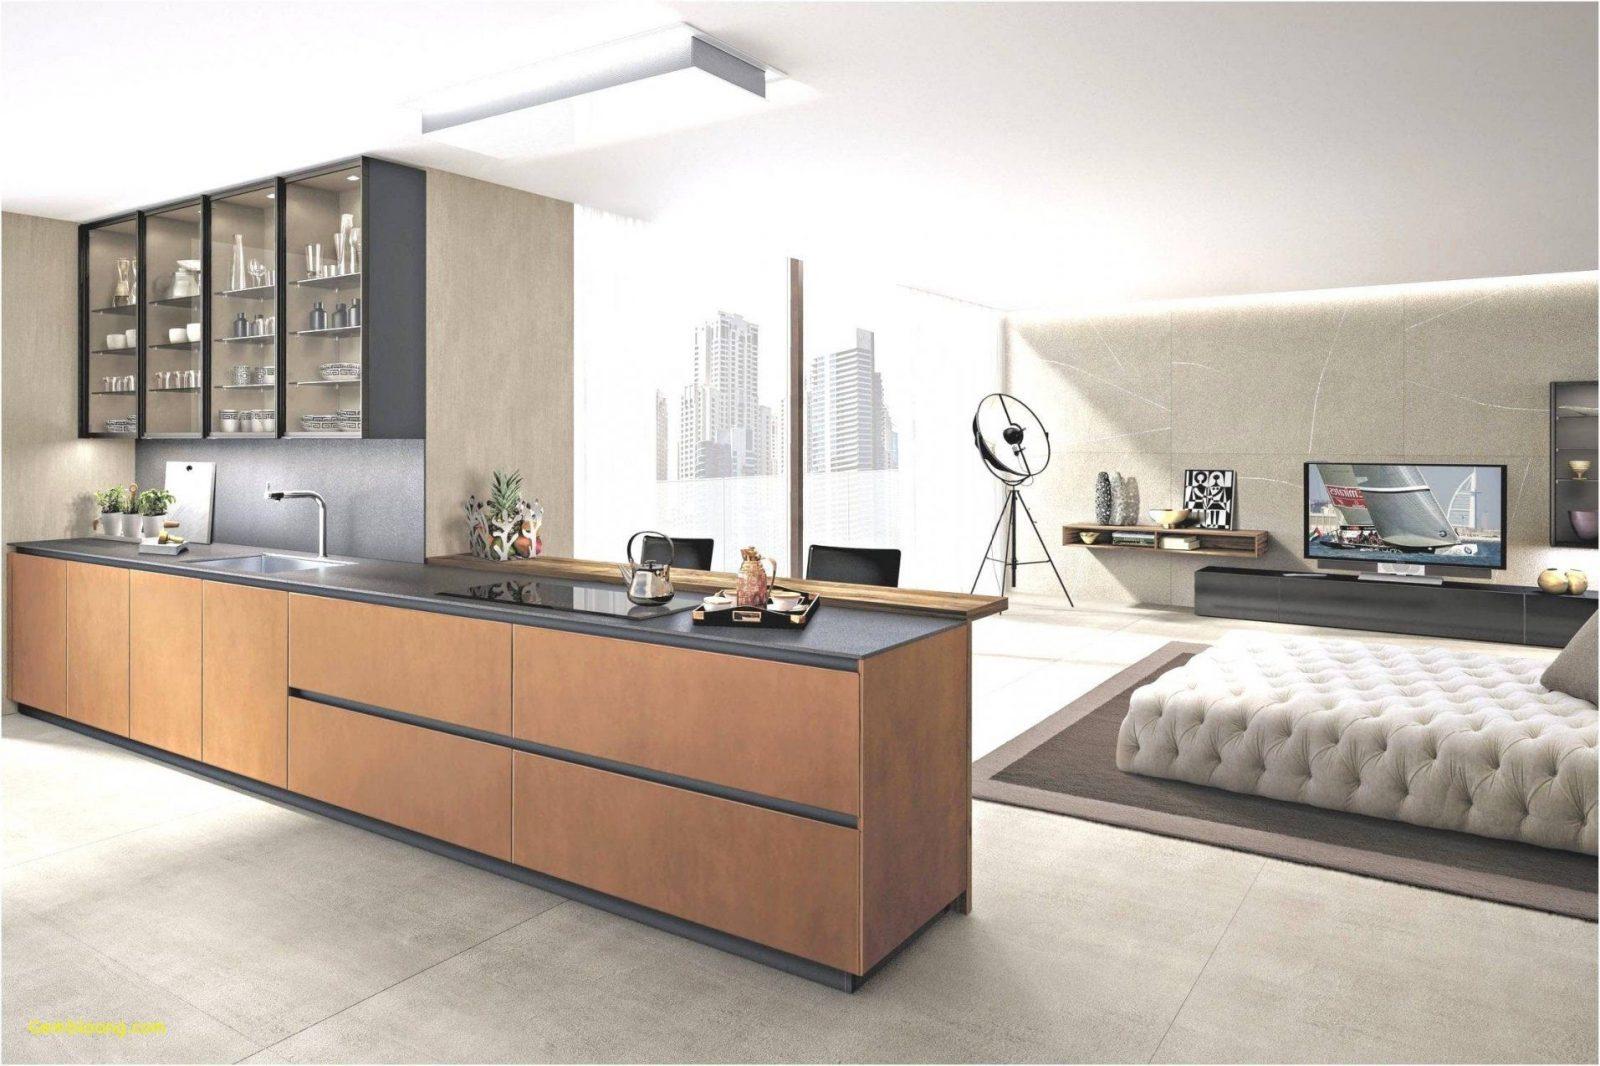 ... Küche Sitzbank Neu 32 Erstaunlich Küche Kleiner Raum Modern Küchen Von  Küche Kleiner Raum Modern Photo ...